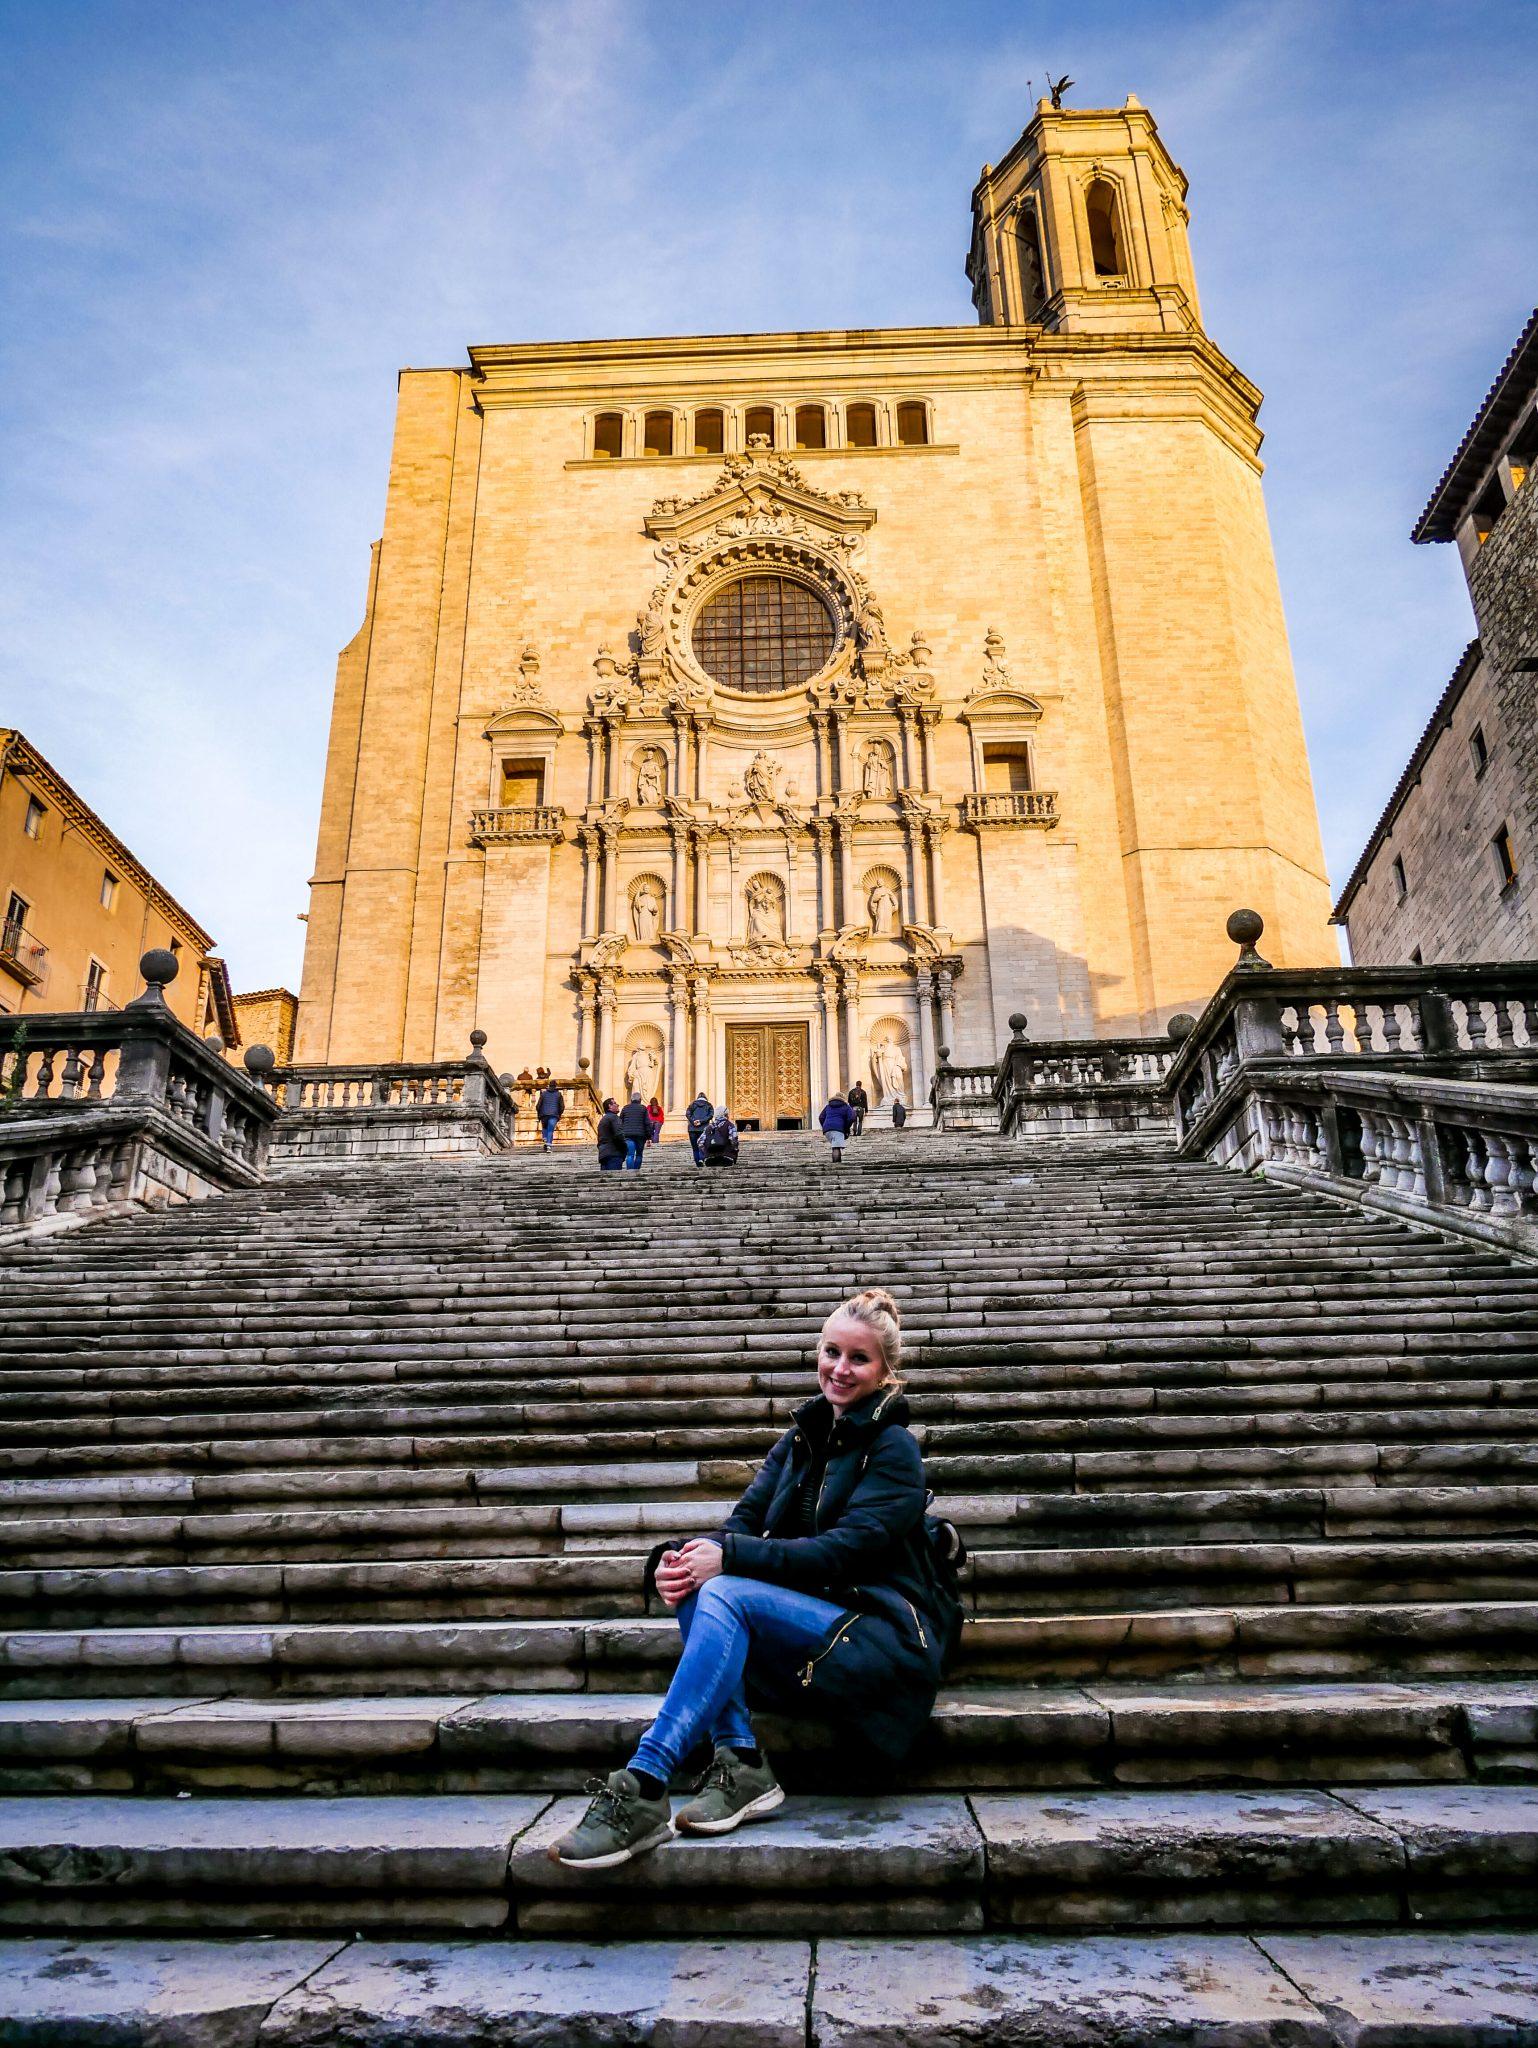 Die Kathedrale in Girona ist eine beliebte Sehenswürdigkeit und das meist fotografierte Gebäude der Stadt.